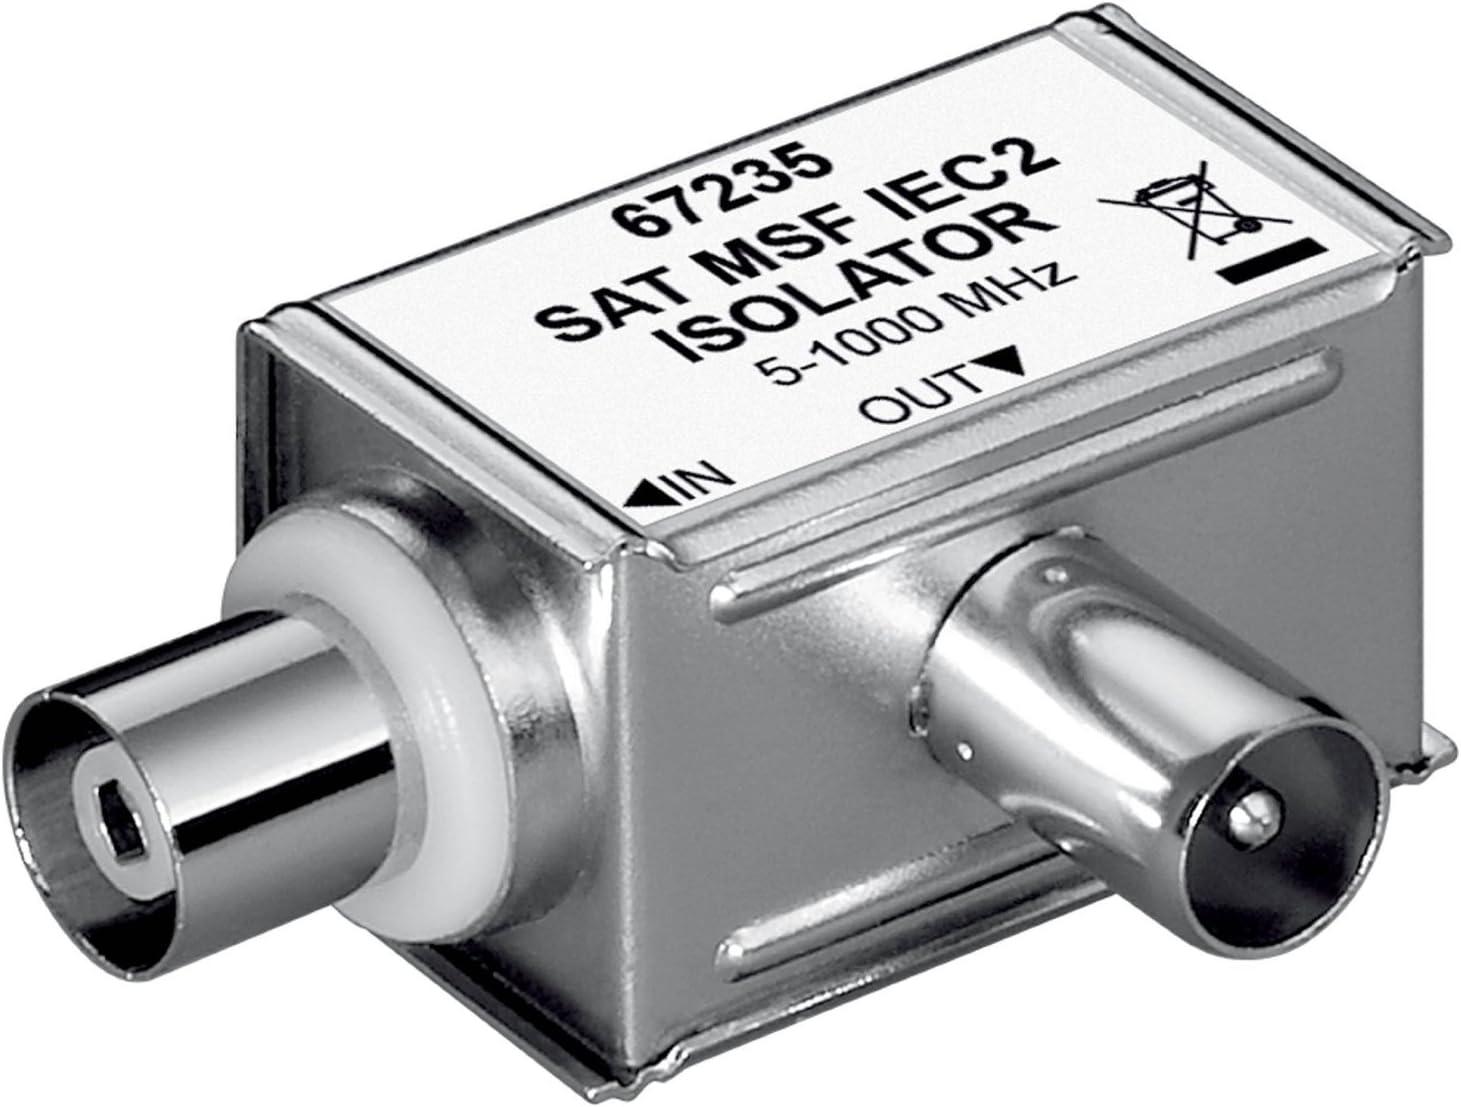 Wentronic - Filtro de ferrita (conector coaxial a conector coaxial en ángulo, SAT MSF IEC 2 W) (importado)